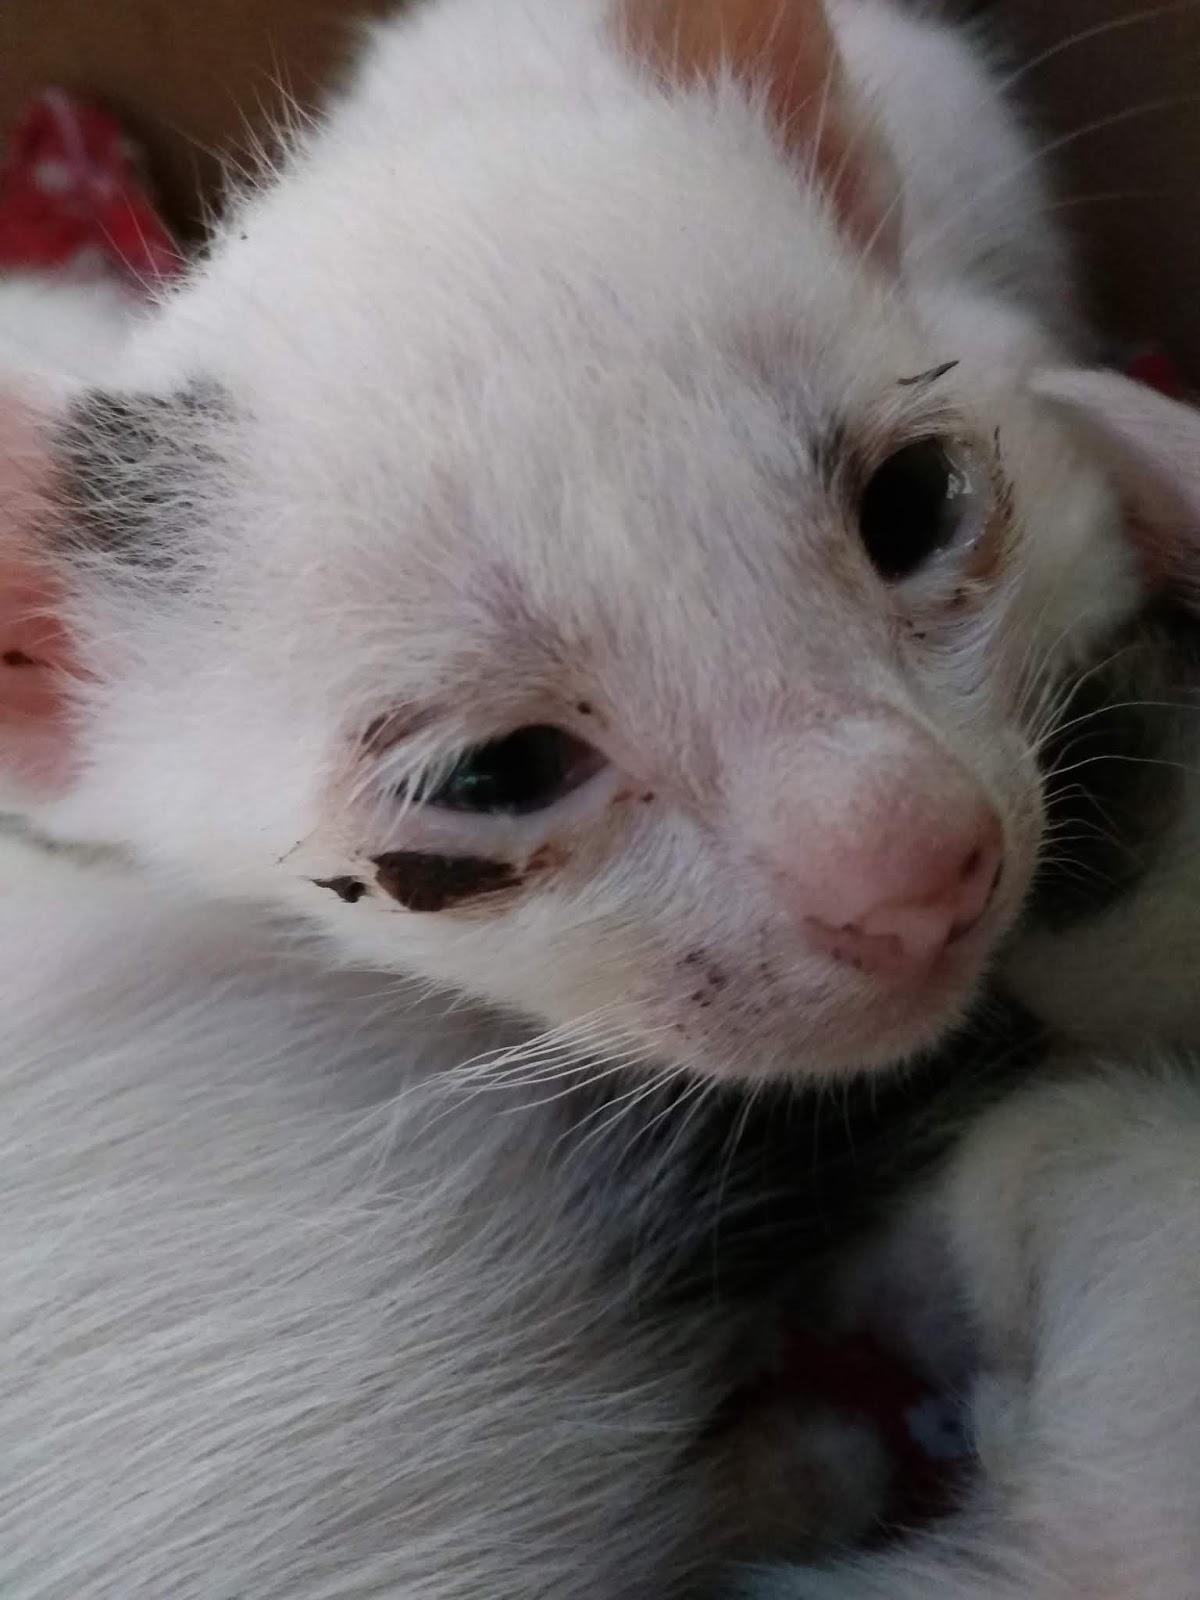 Sakit Mata Pada Kucing : sakit, kucing, Mengobati, Kucing, Sakit, KAKTUS, KOBOI